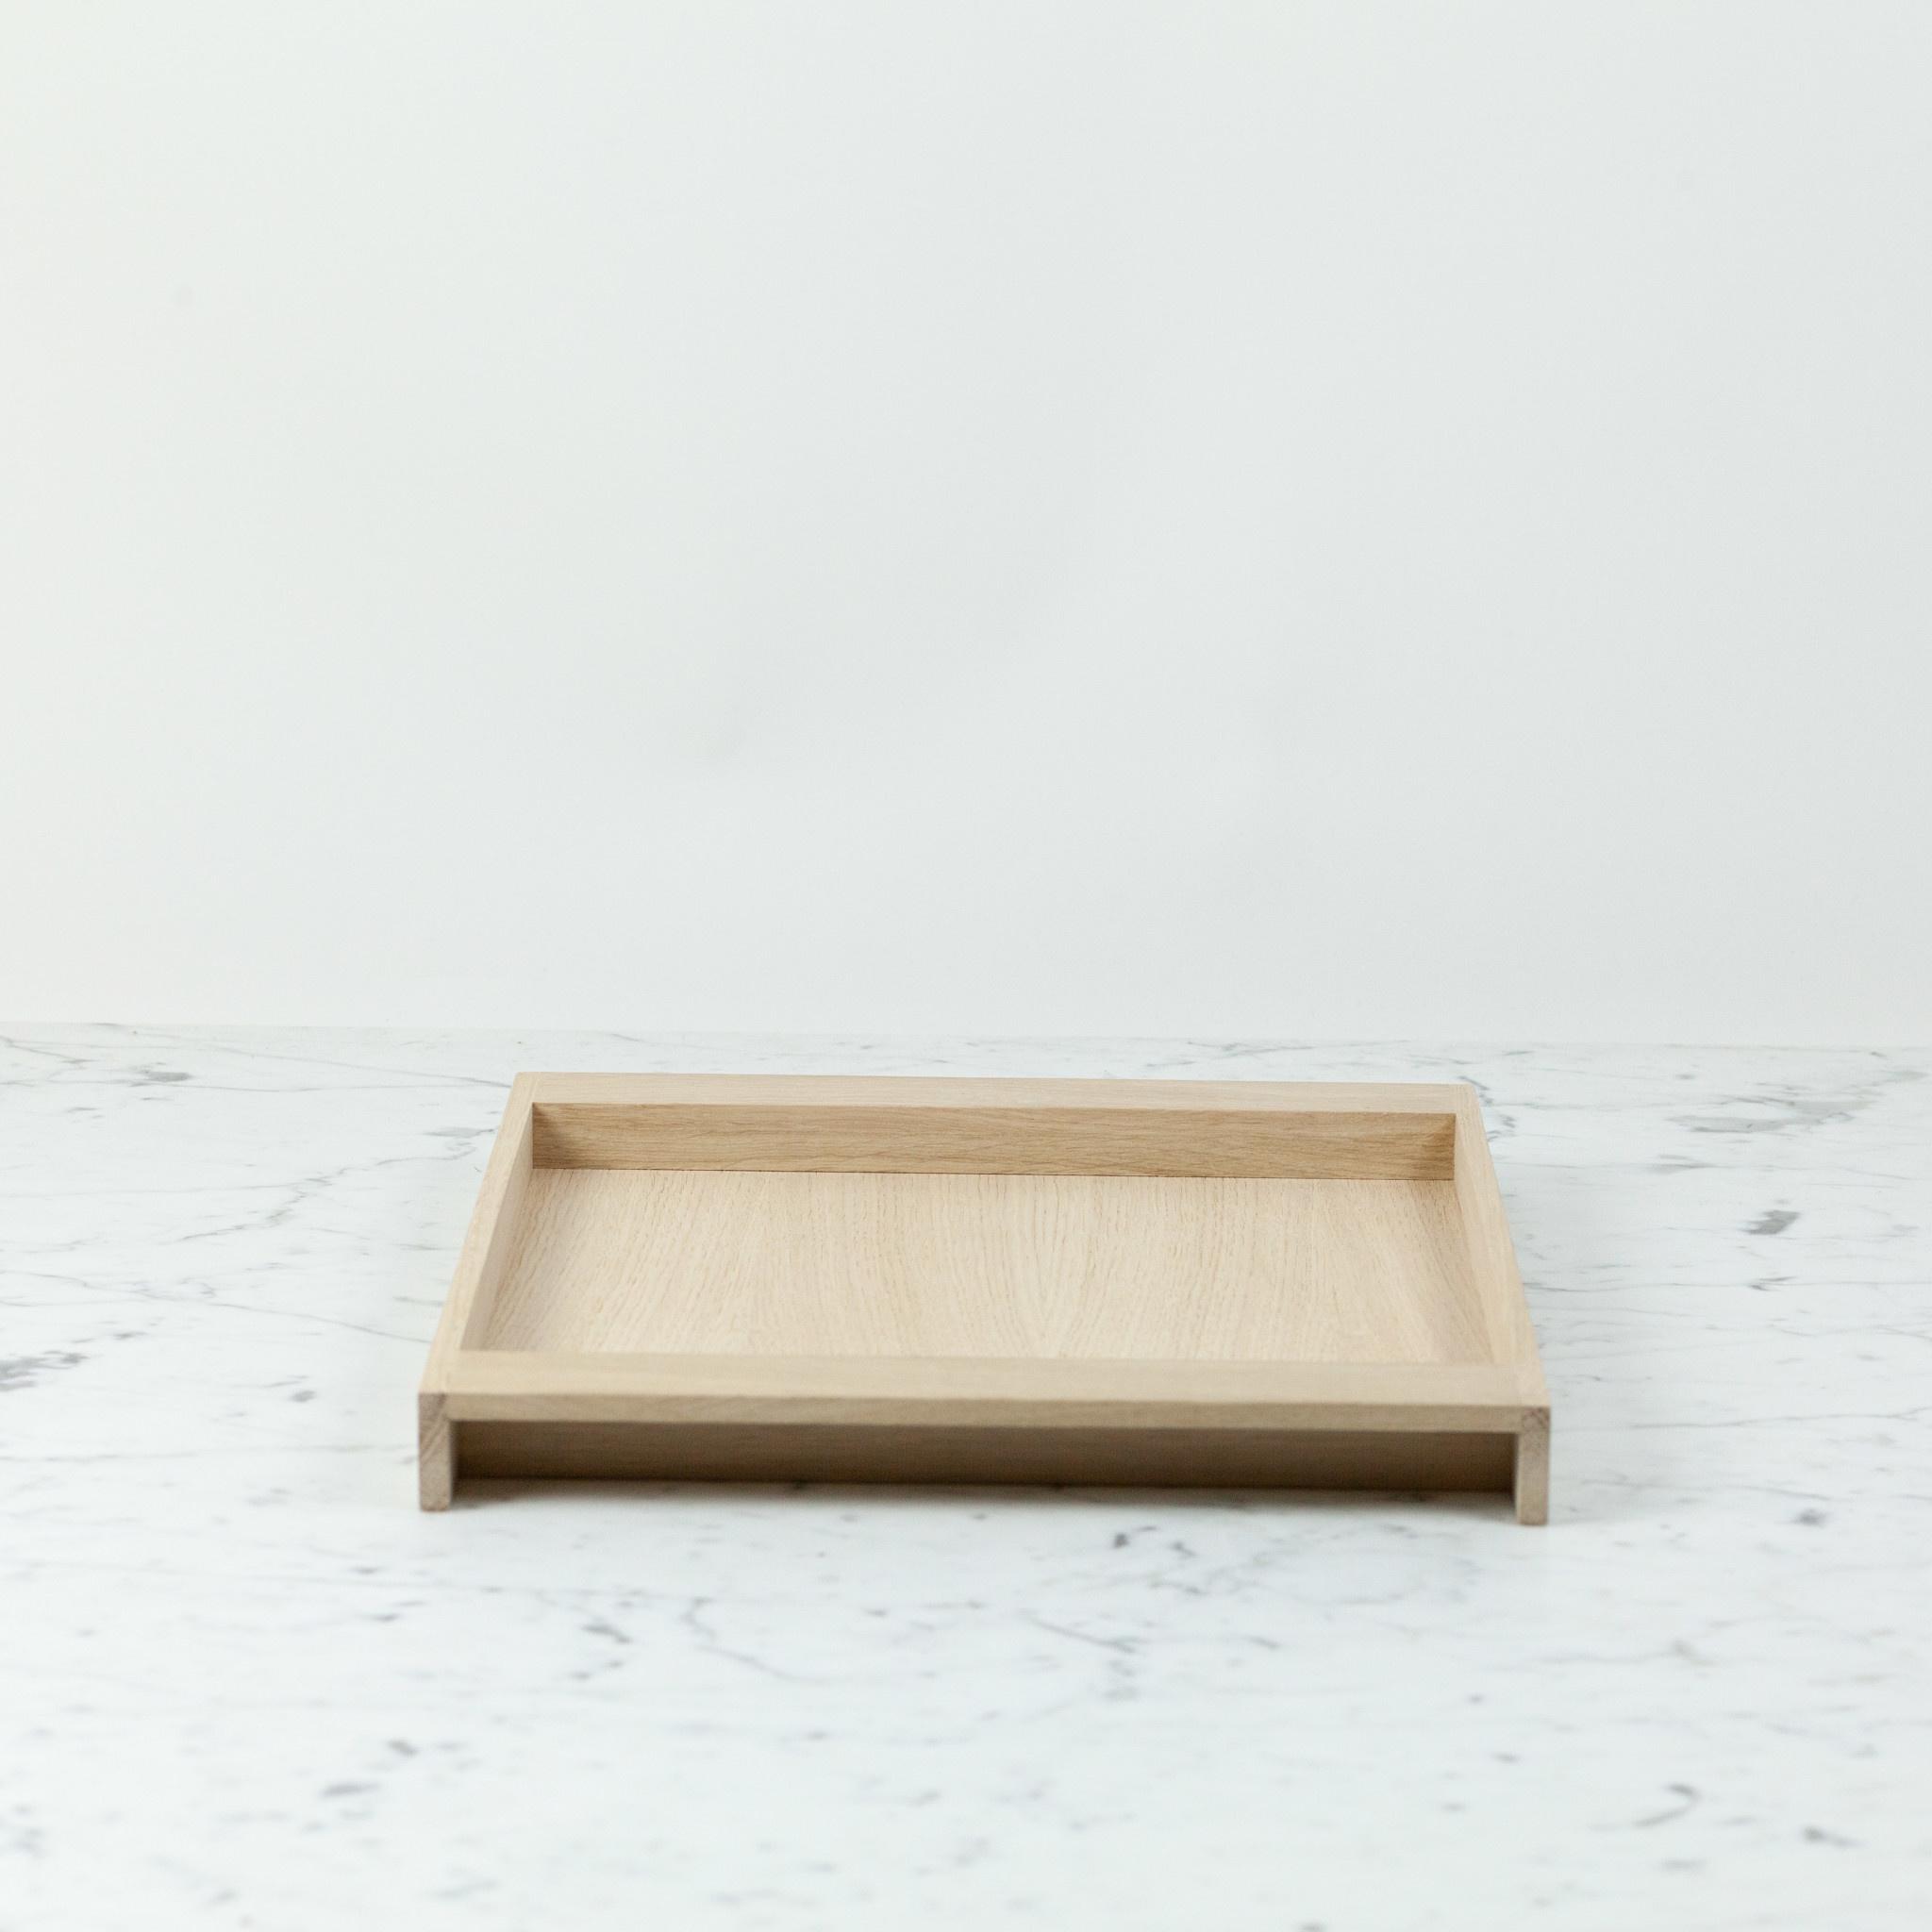 Skagerak Danish Minimalist No. 10 Tray - Small - Oak